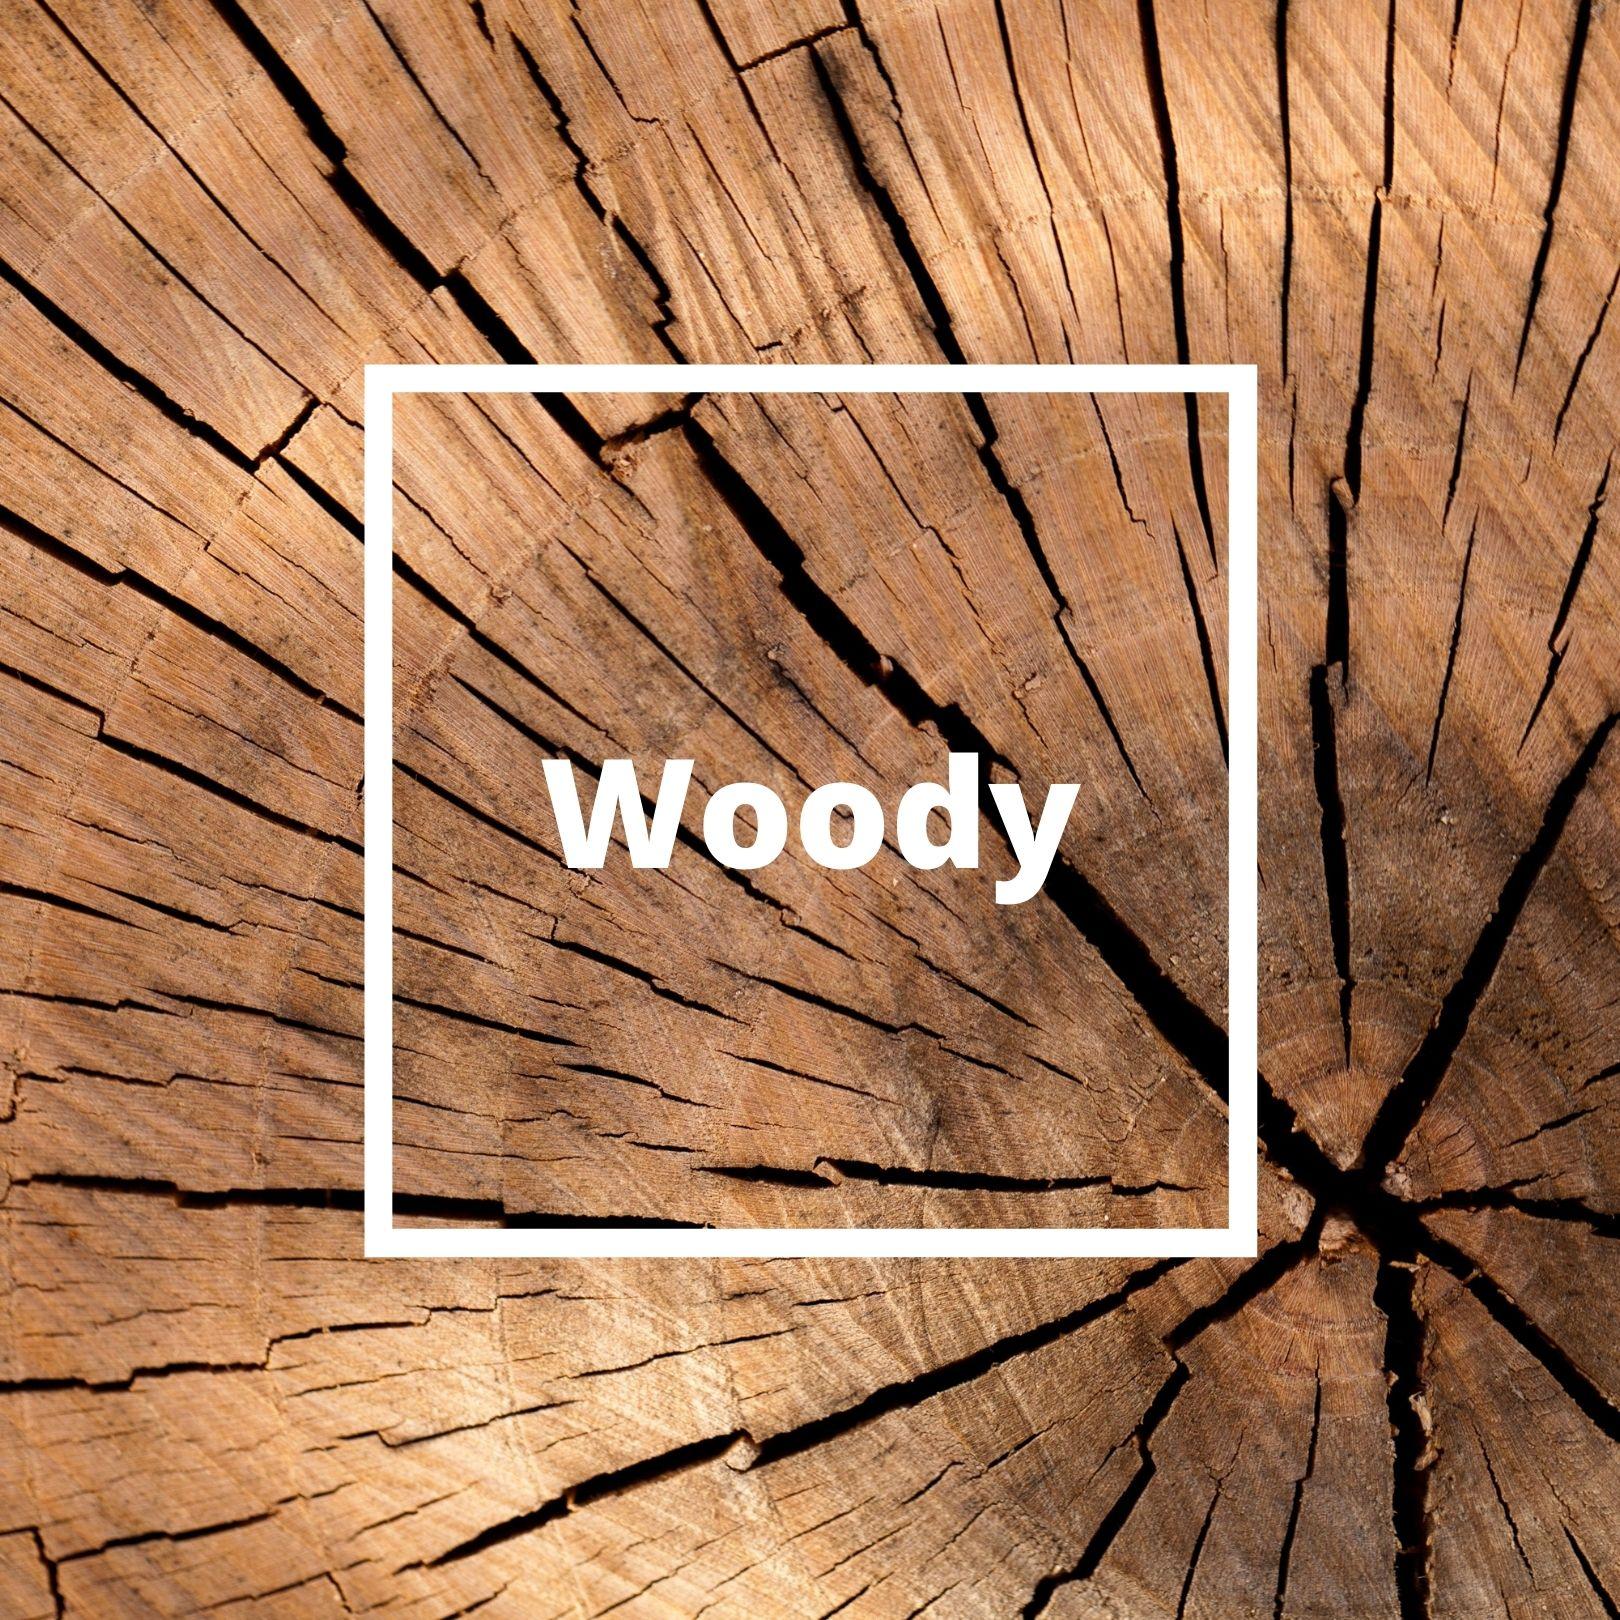 L'ATELIERO - Woody - Jasmine Dream